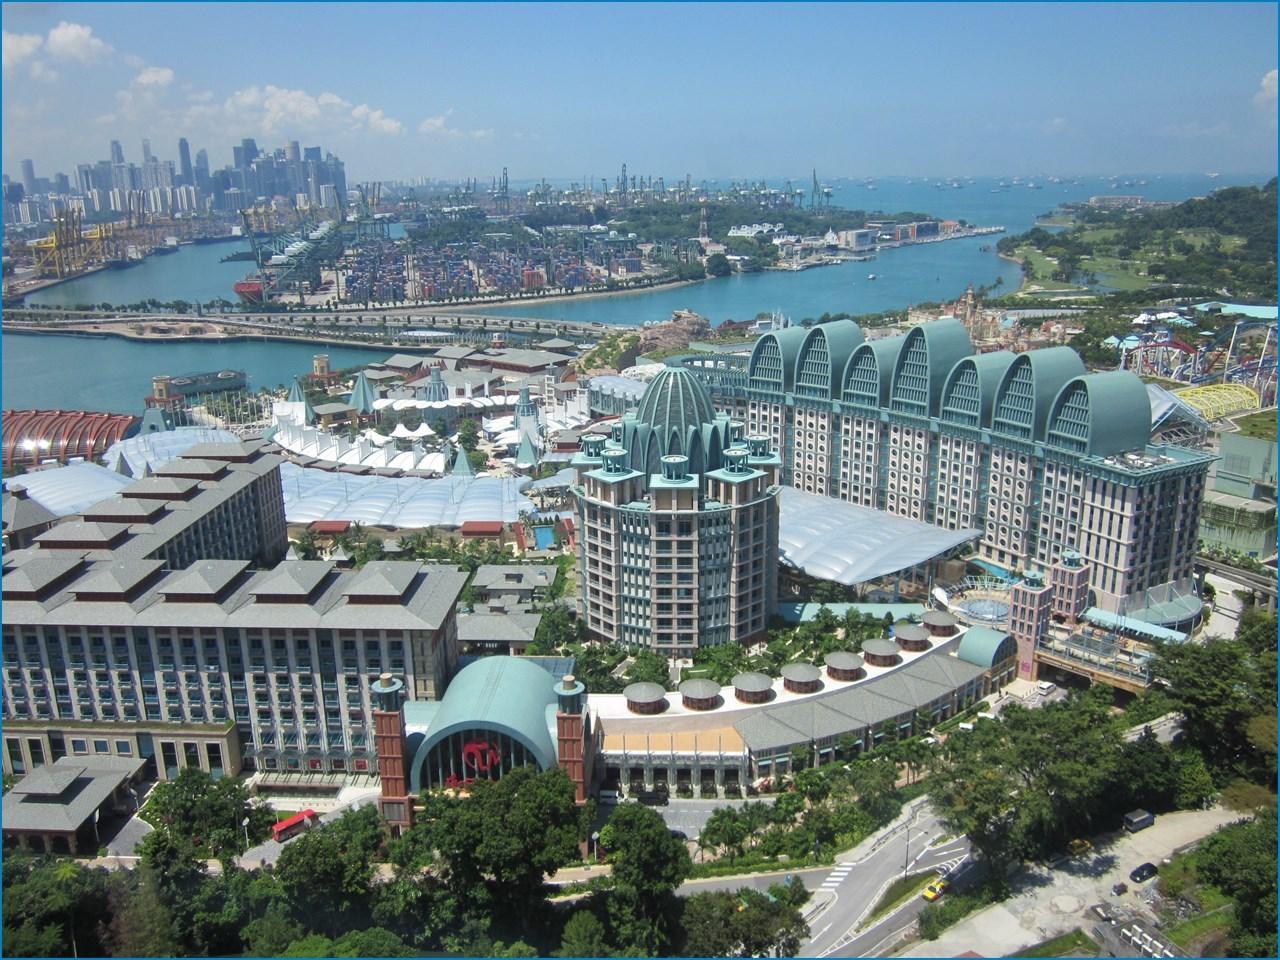 シンガポール建築見学 回想_c0376508_08262109.jpg